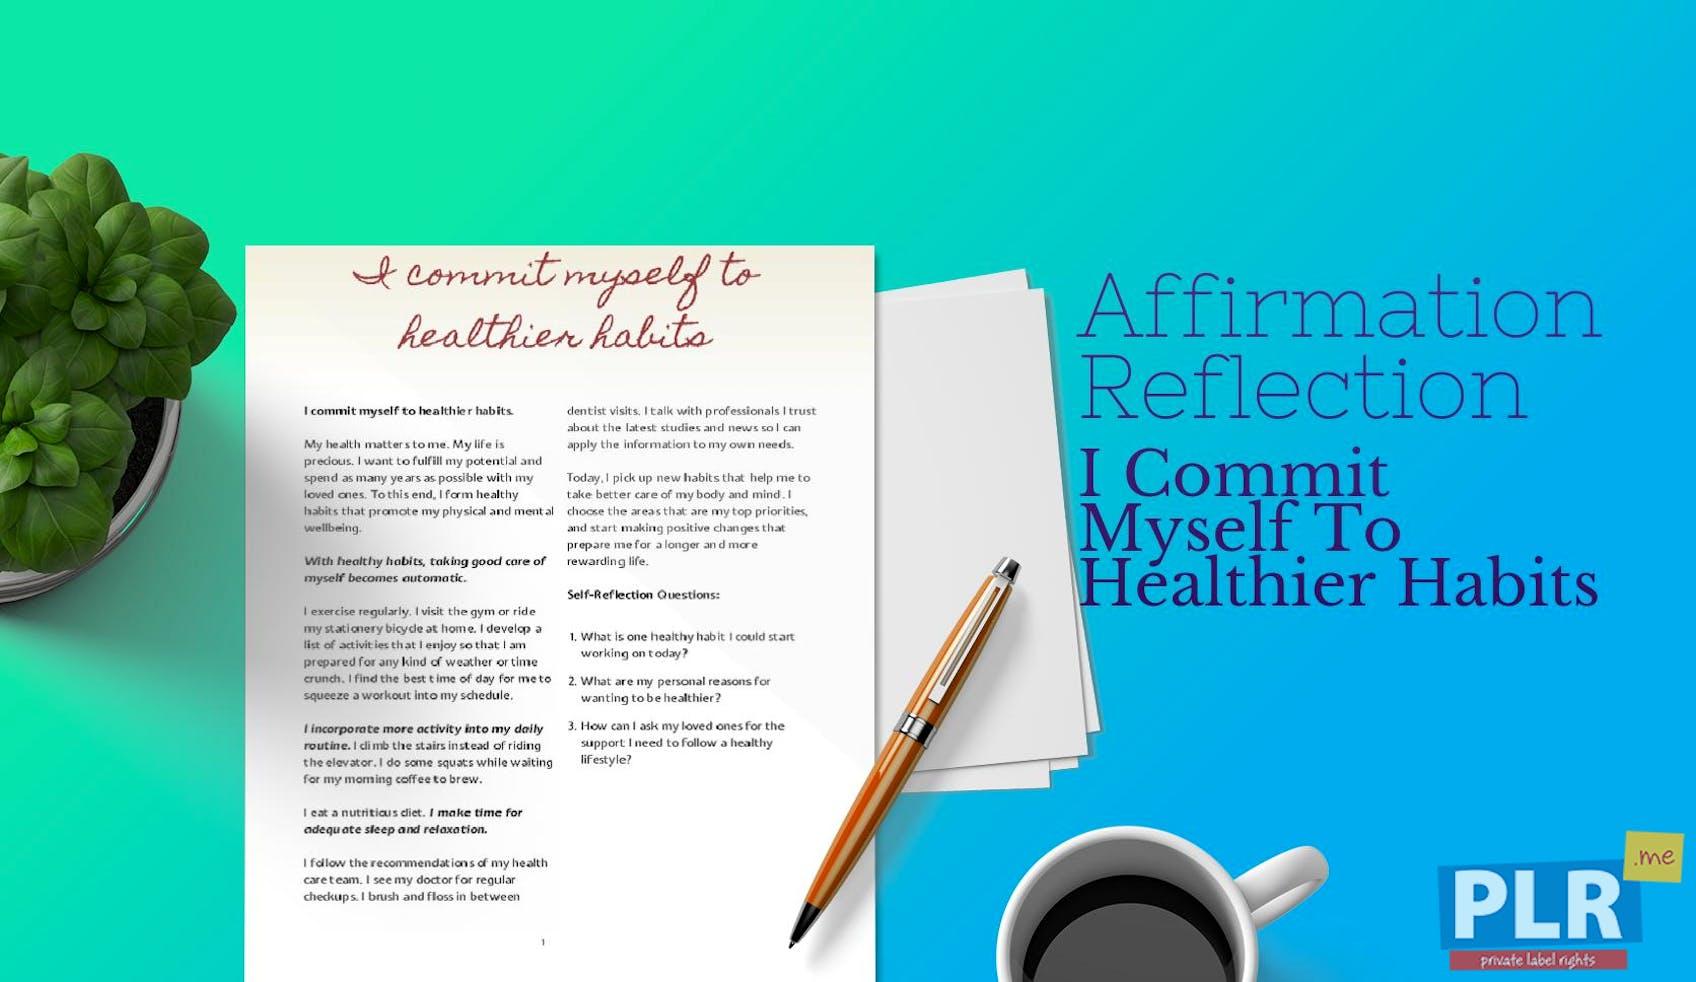 I Commit Myself To Healthier Habits